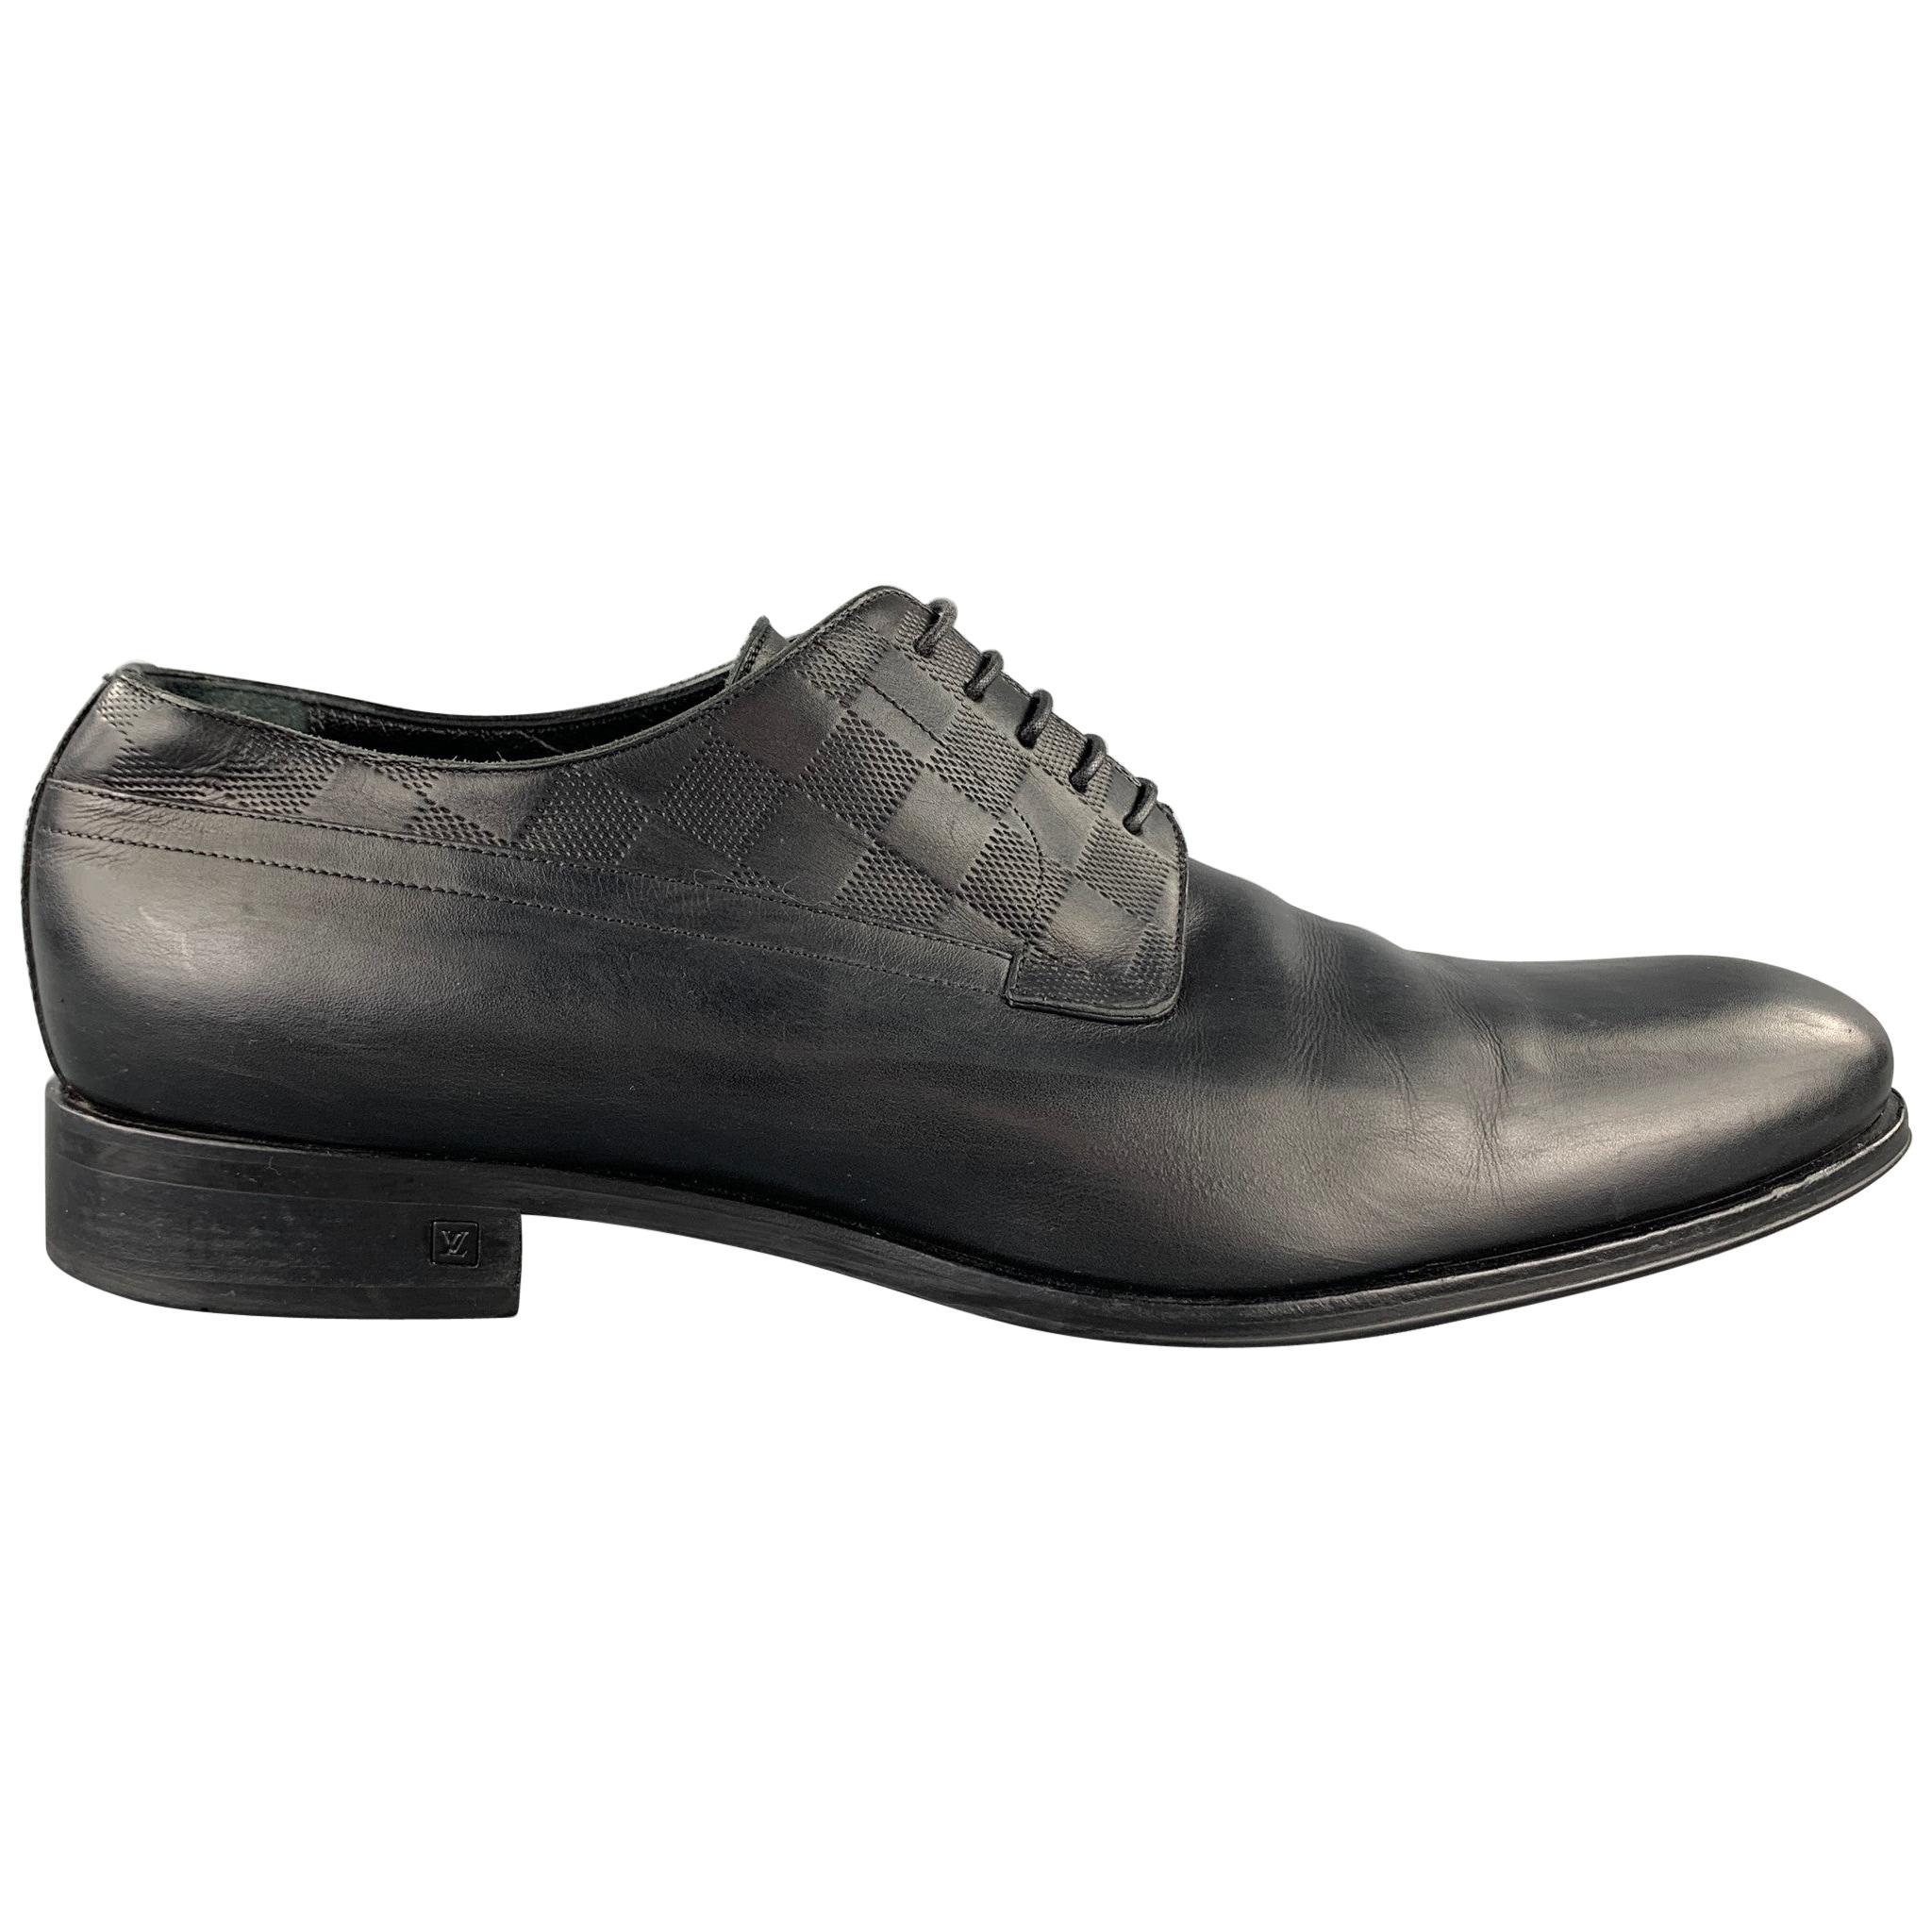 LOUIS VUITTON Size 12 Black Damier Leather Lace Up Dress Shoes